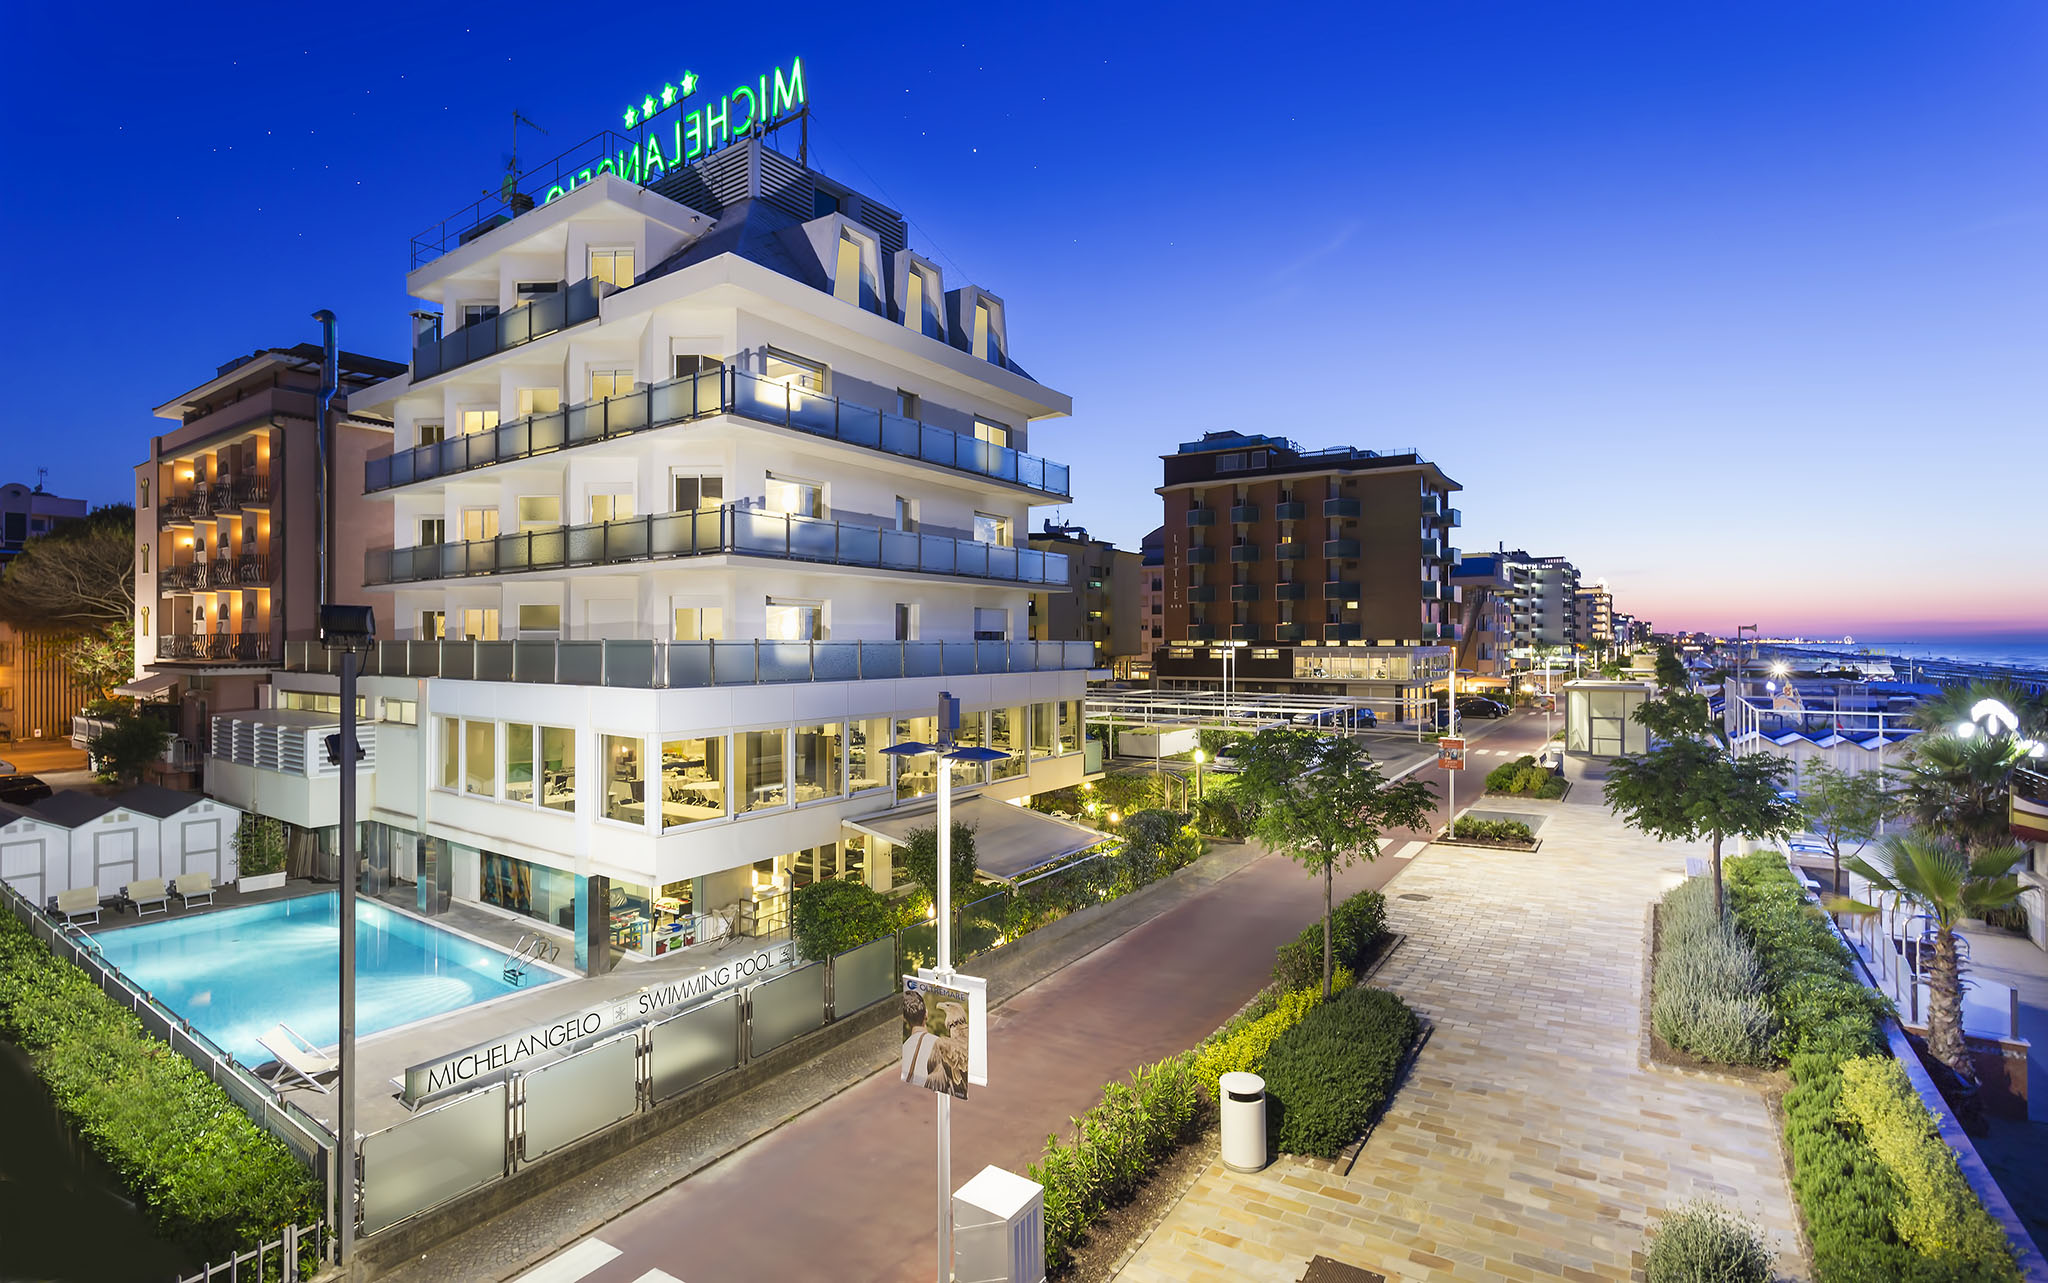 Hotel riccione 4 stelle offerte last minute riccione hotel for Hotel barcellona sul mare